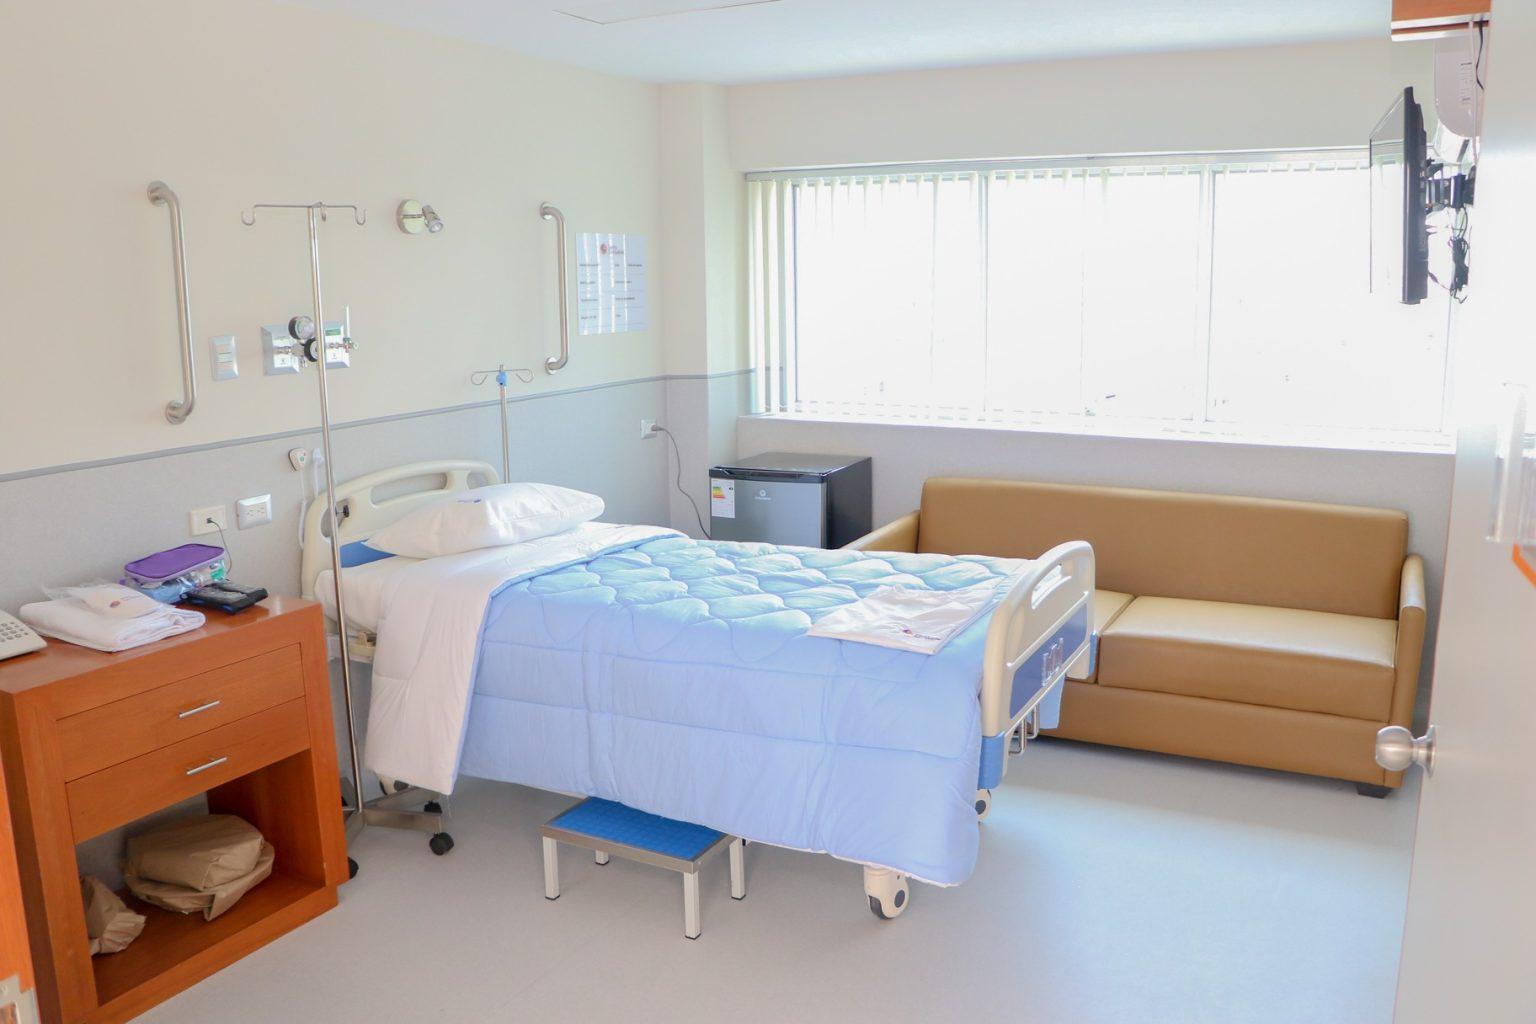 Ampliación del área hospitalaria